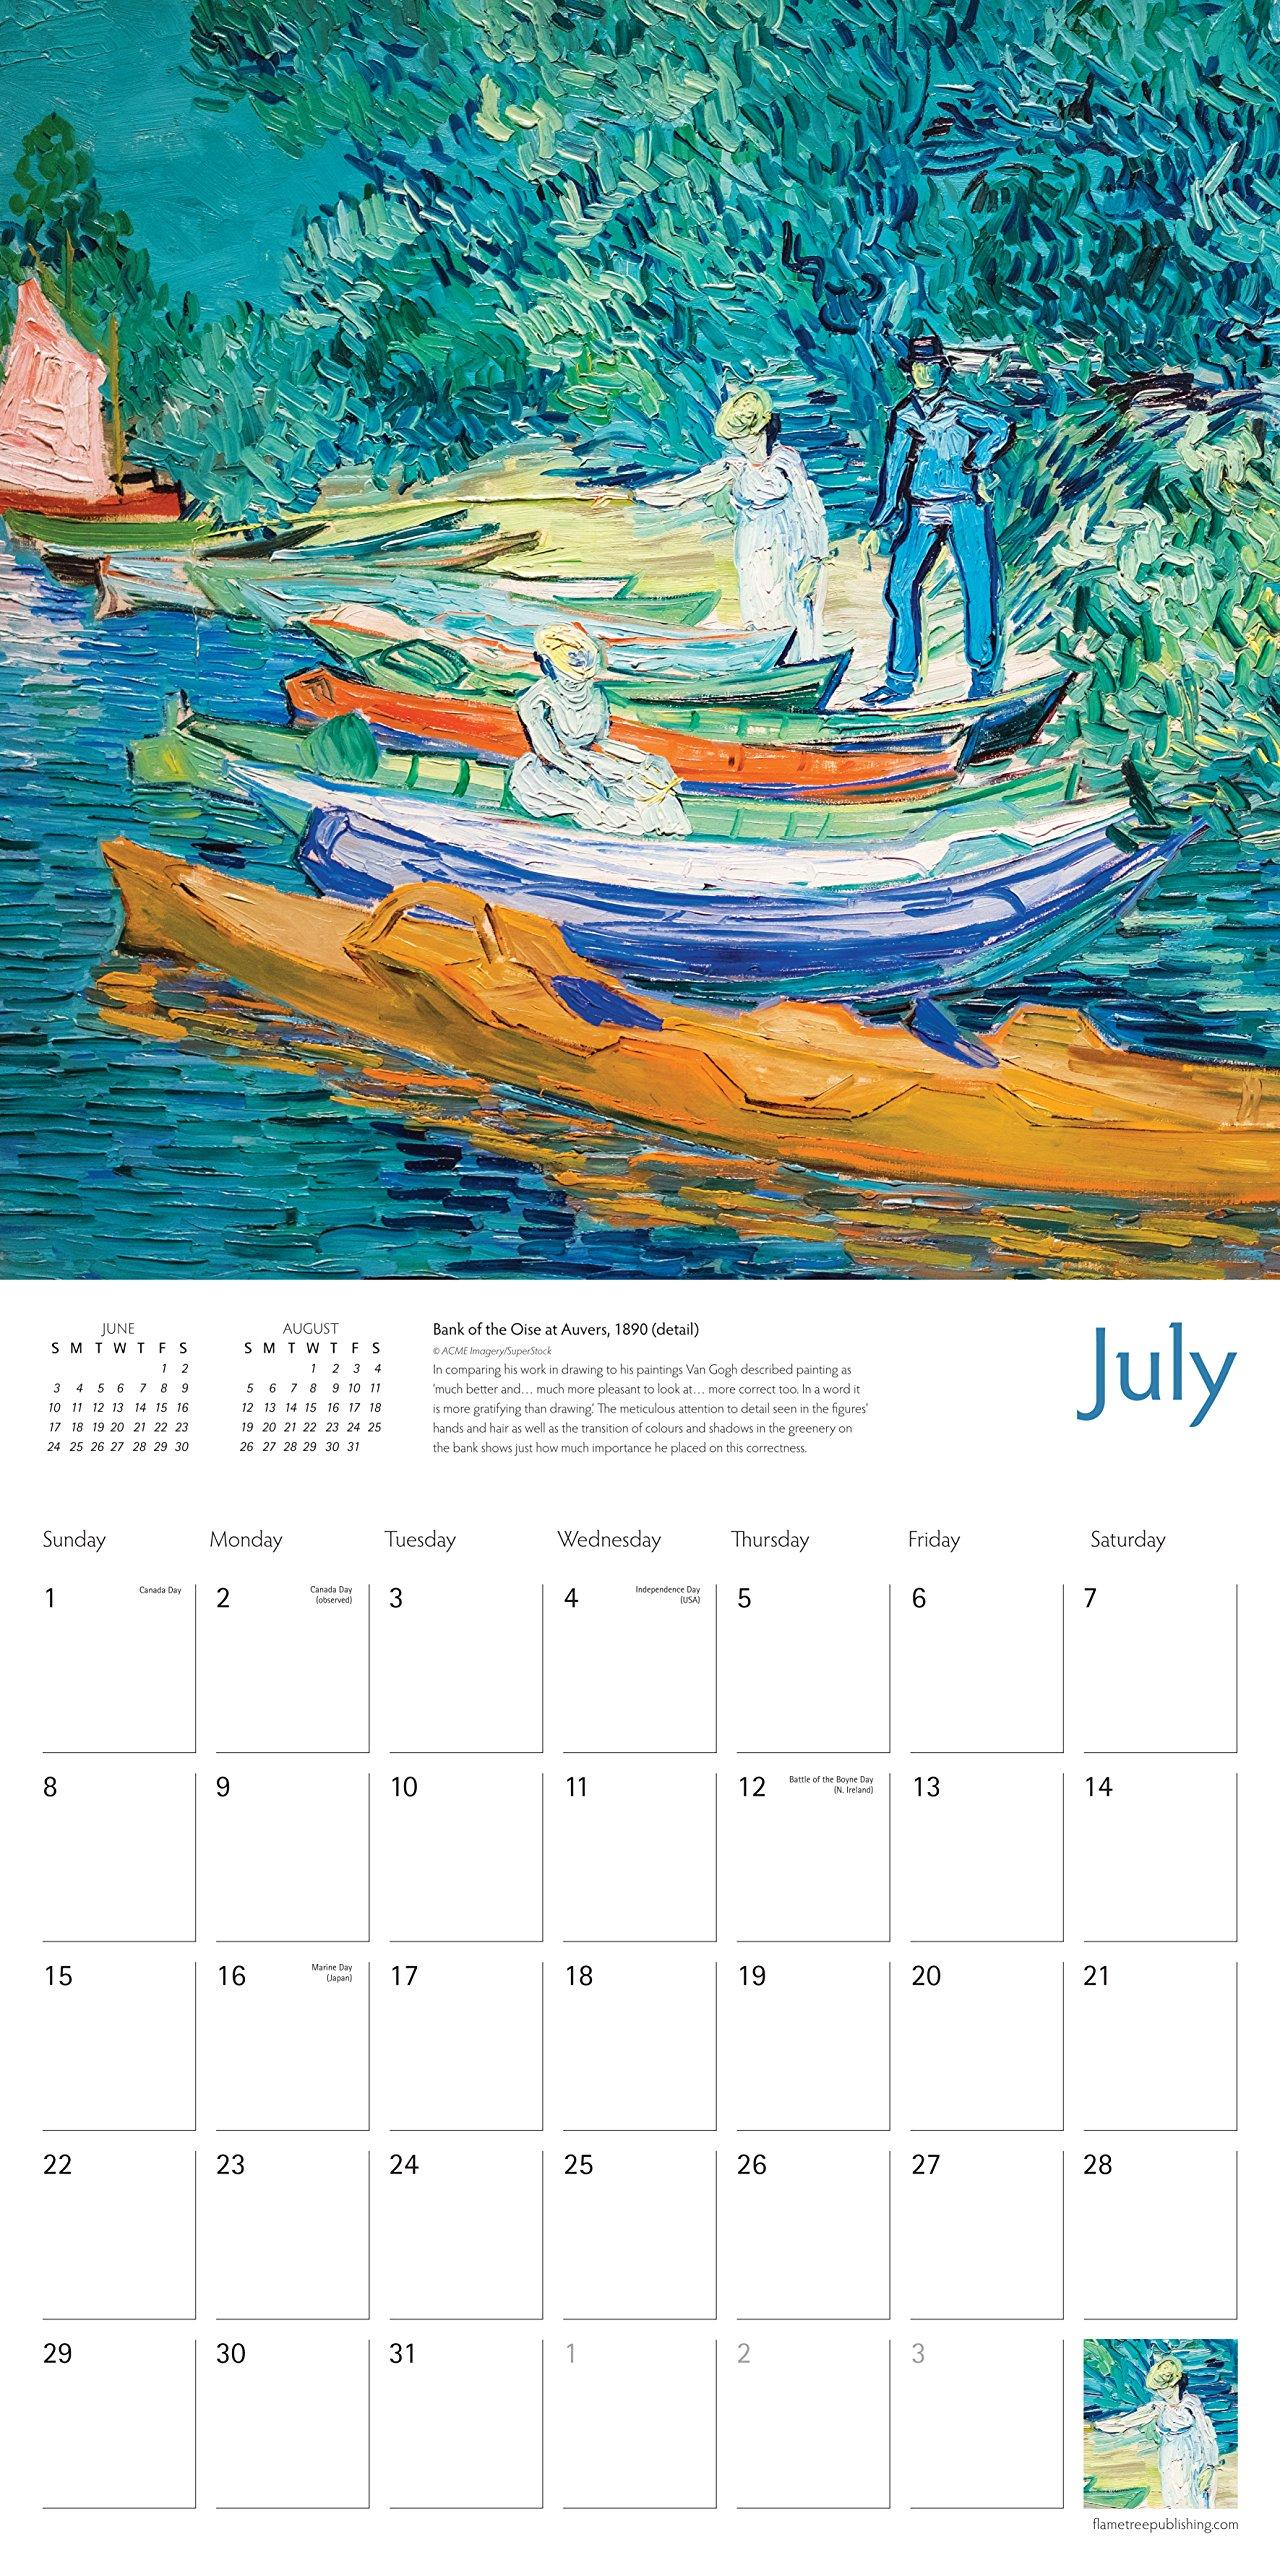 Vincent Van Gogh Wall Calendar 2018 (Art Calendar): Amazon.co.uk: Vincent  Van Gogh: 9781786642943: Books